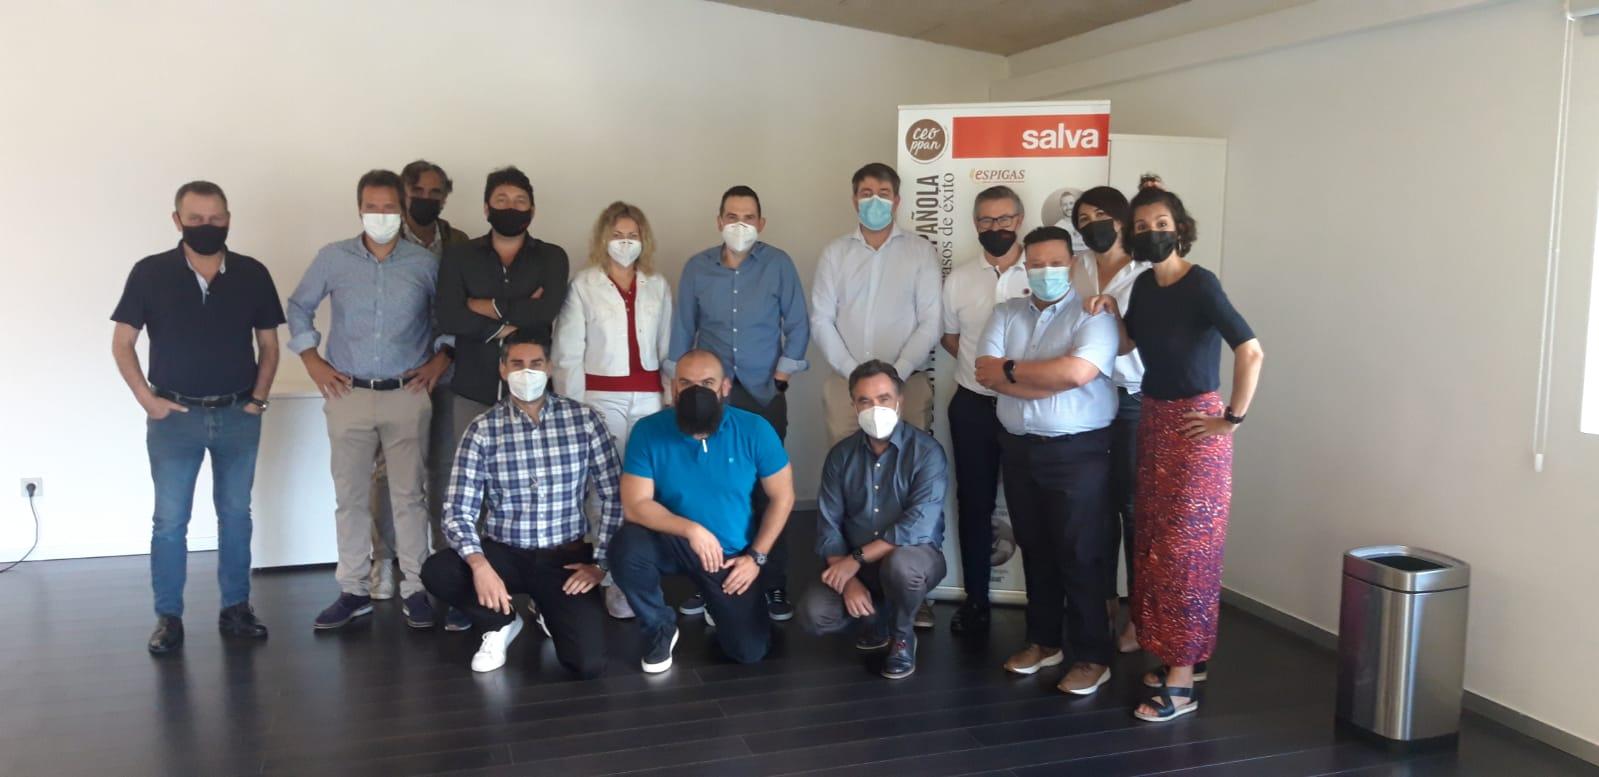 Arrancamos nuevo proyecto de formación comercial con el equipo de SALVA INDUSTRIAL